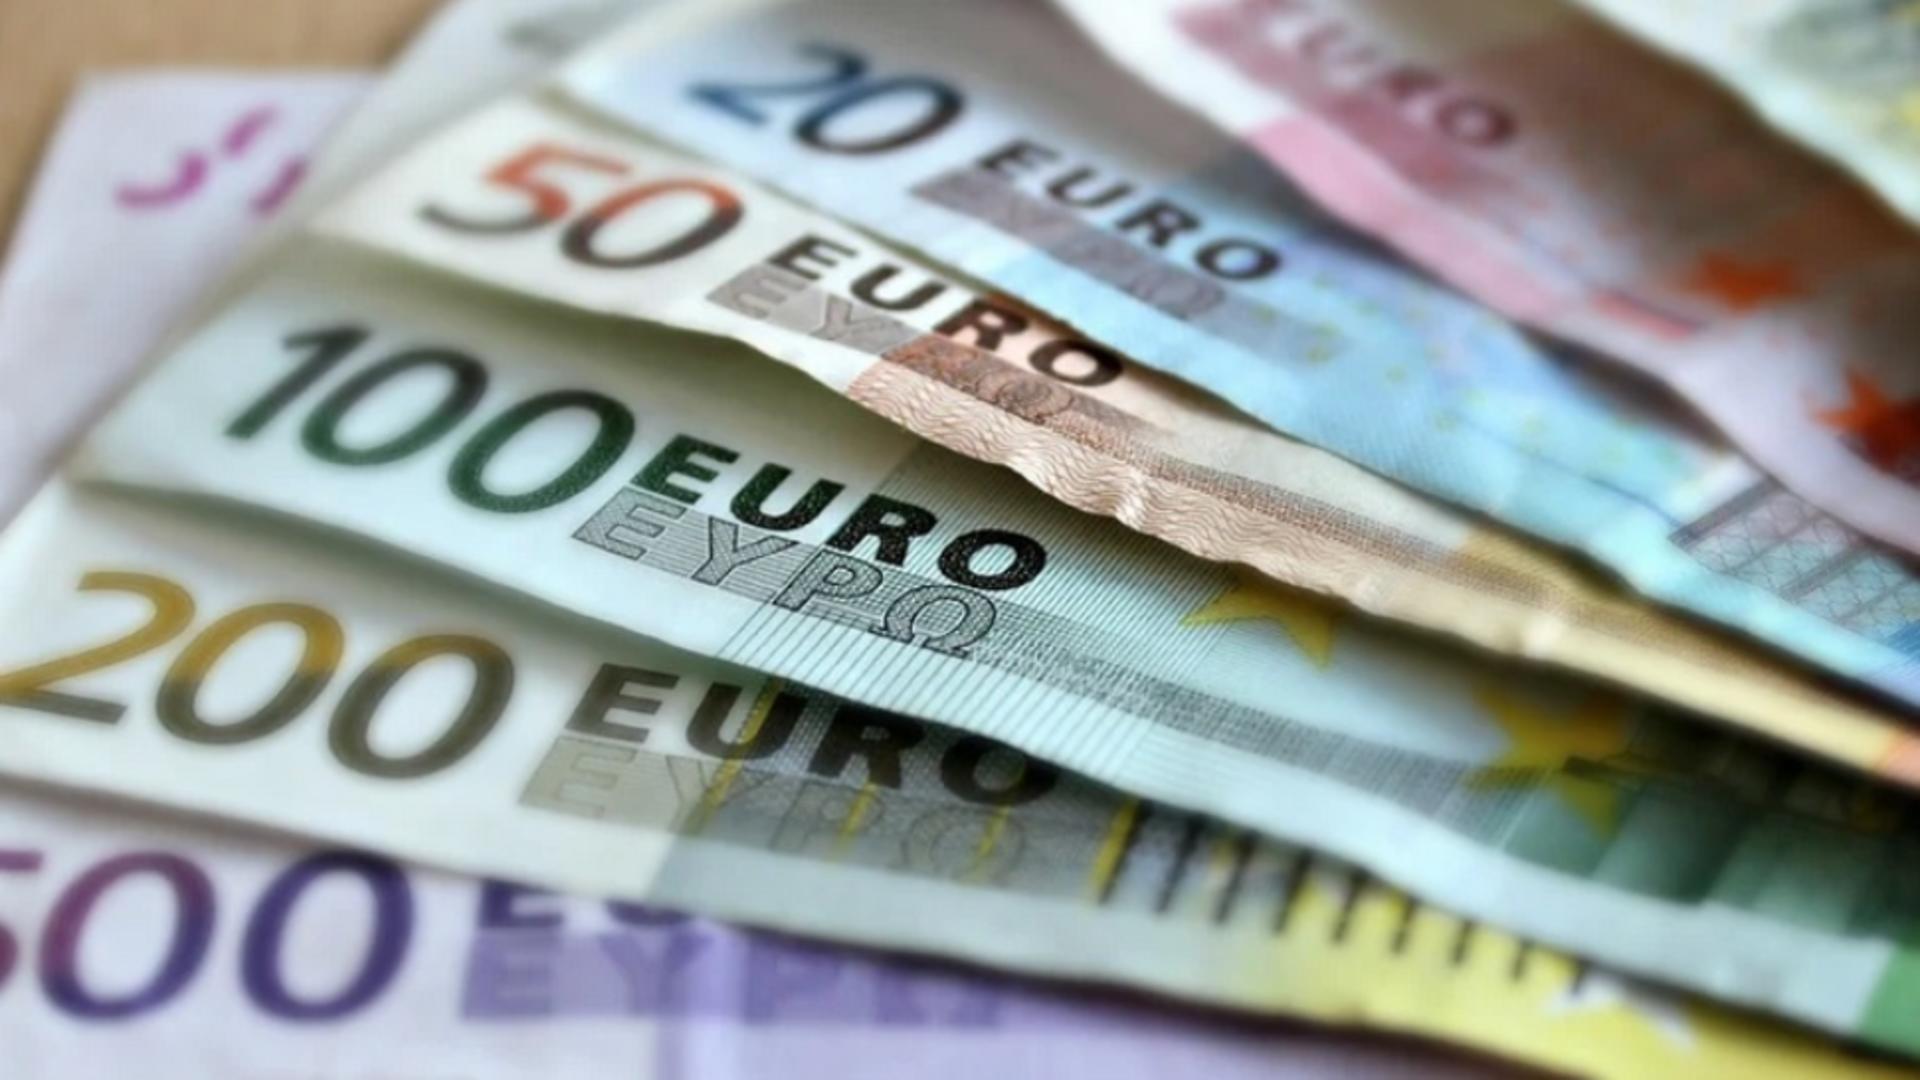 O fabrică de bani falși a fost descoperită în Capitală